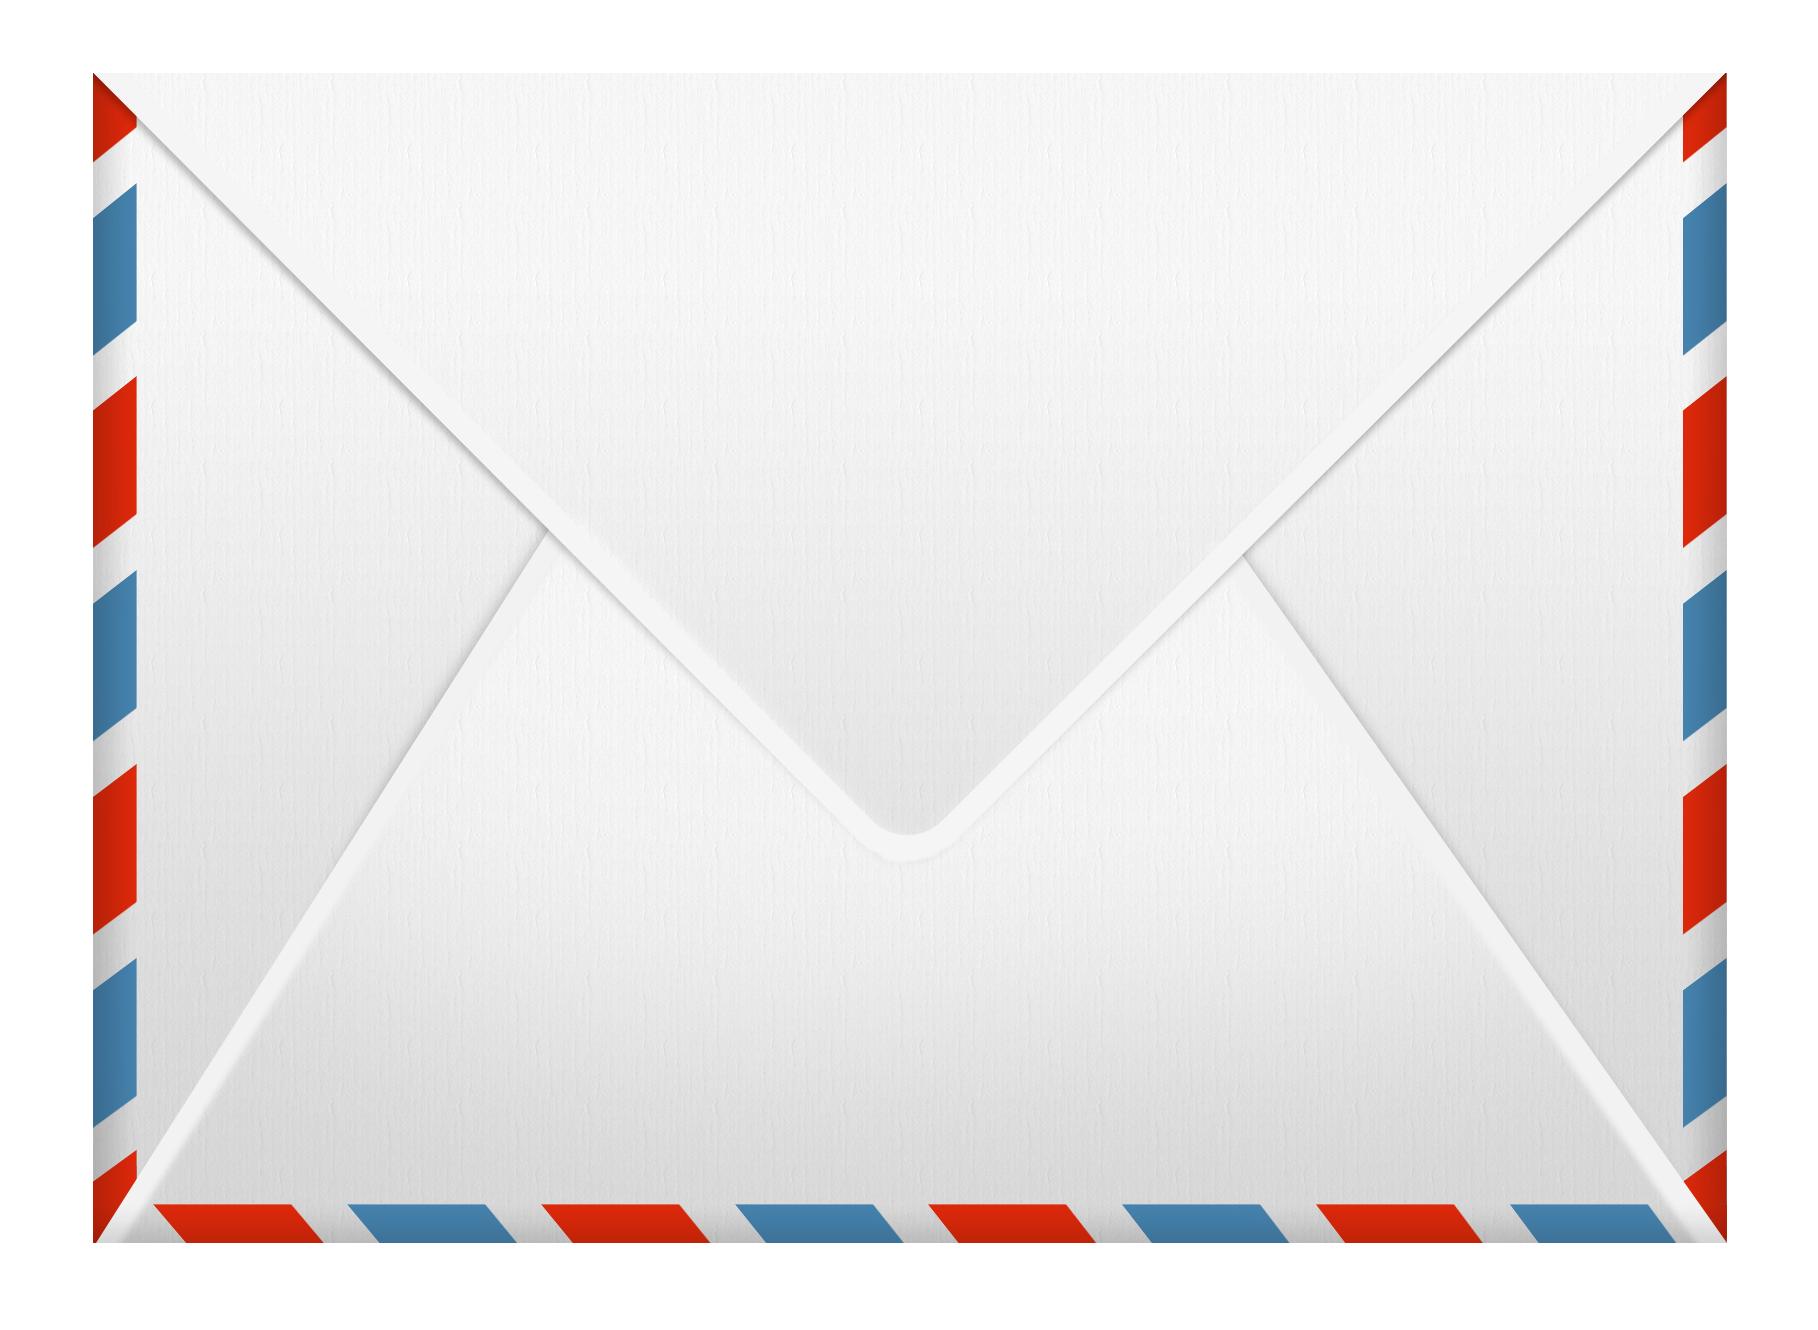 Envelope clipart envelope design. Png